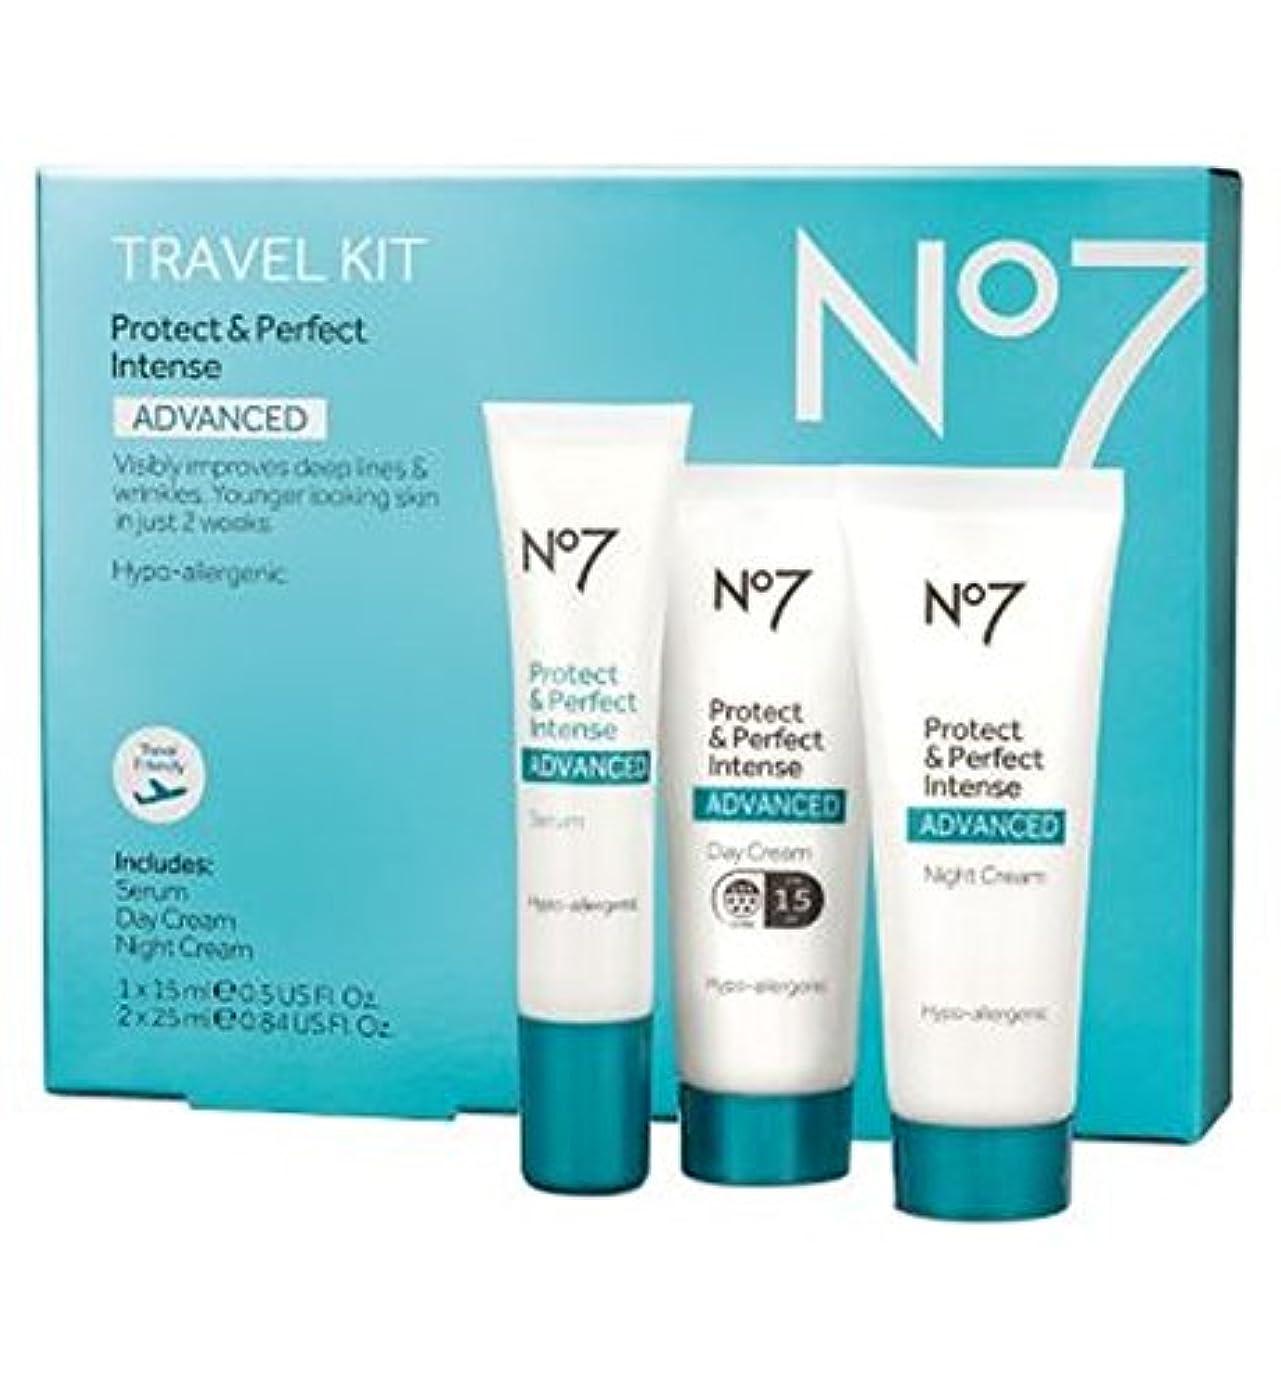 パット事業内容求めるNo7 Protect & Perfect Intense ADVANCED Travel Kit - No7保護&完璧な強烈な高度な旅行キット (No7) [並行輸入品]